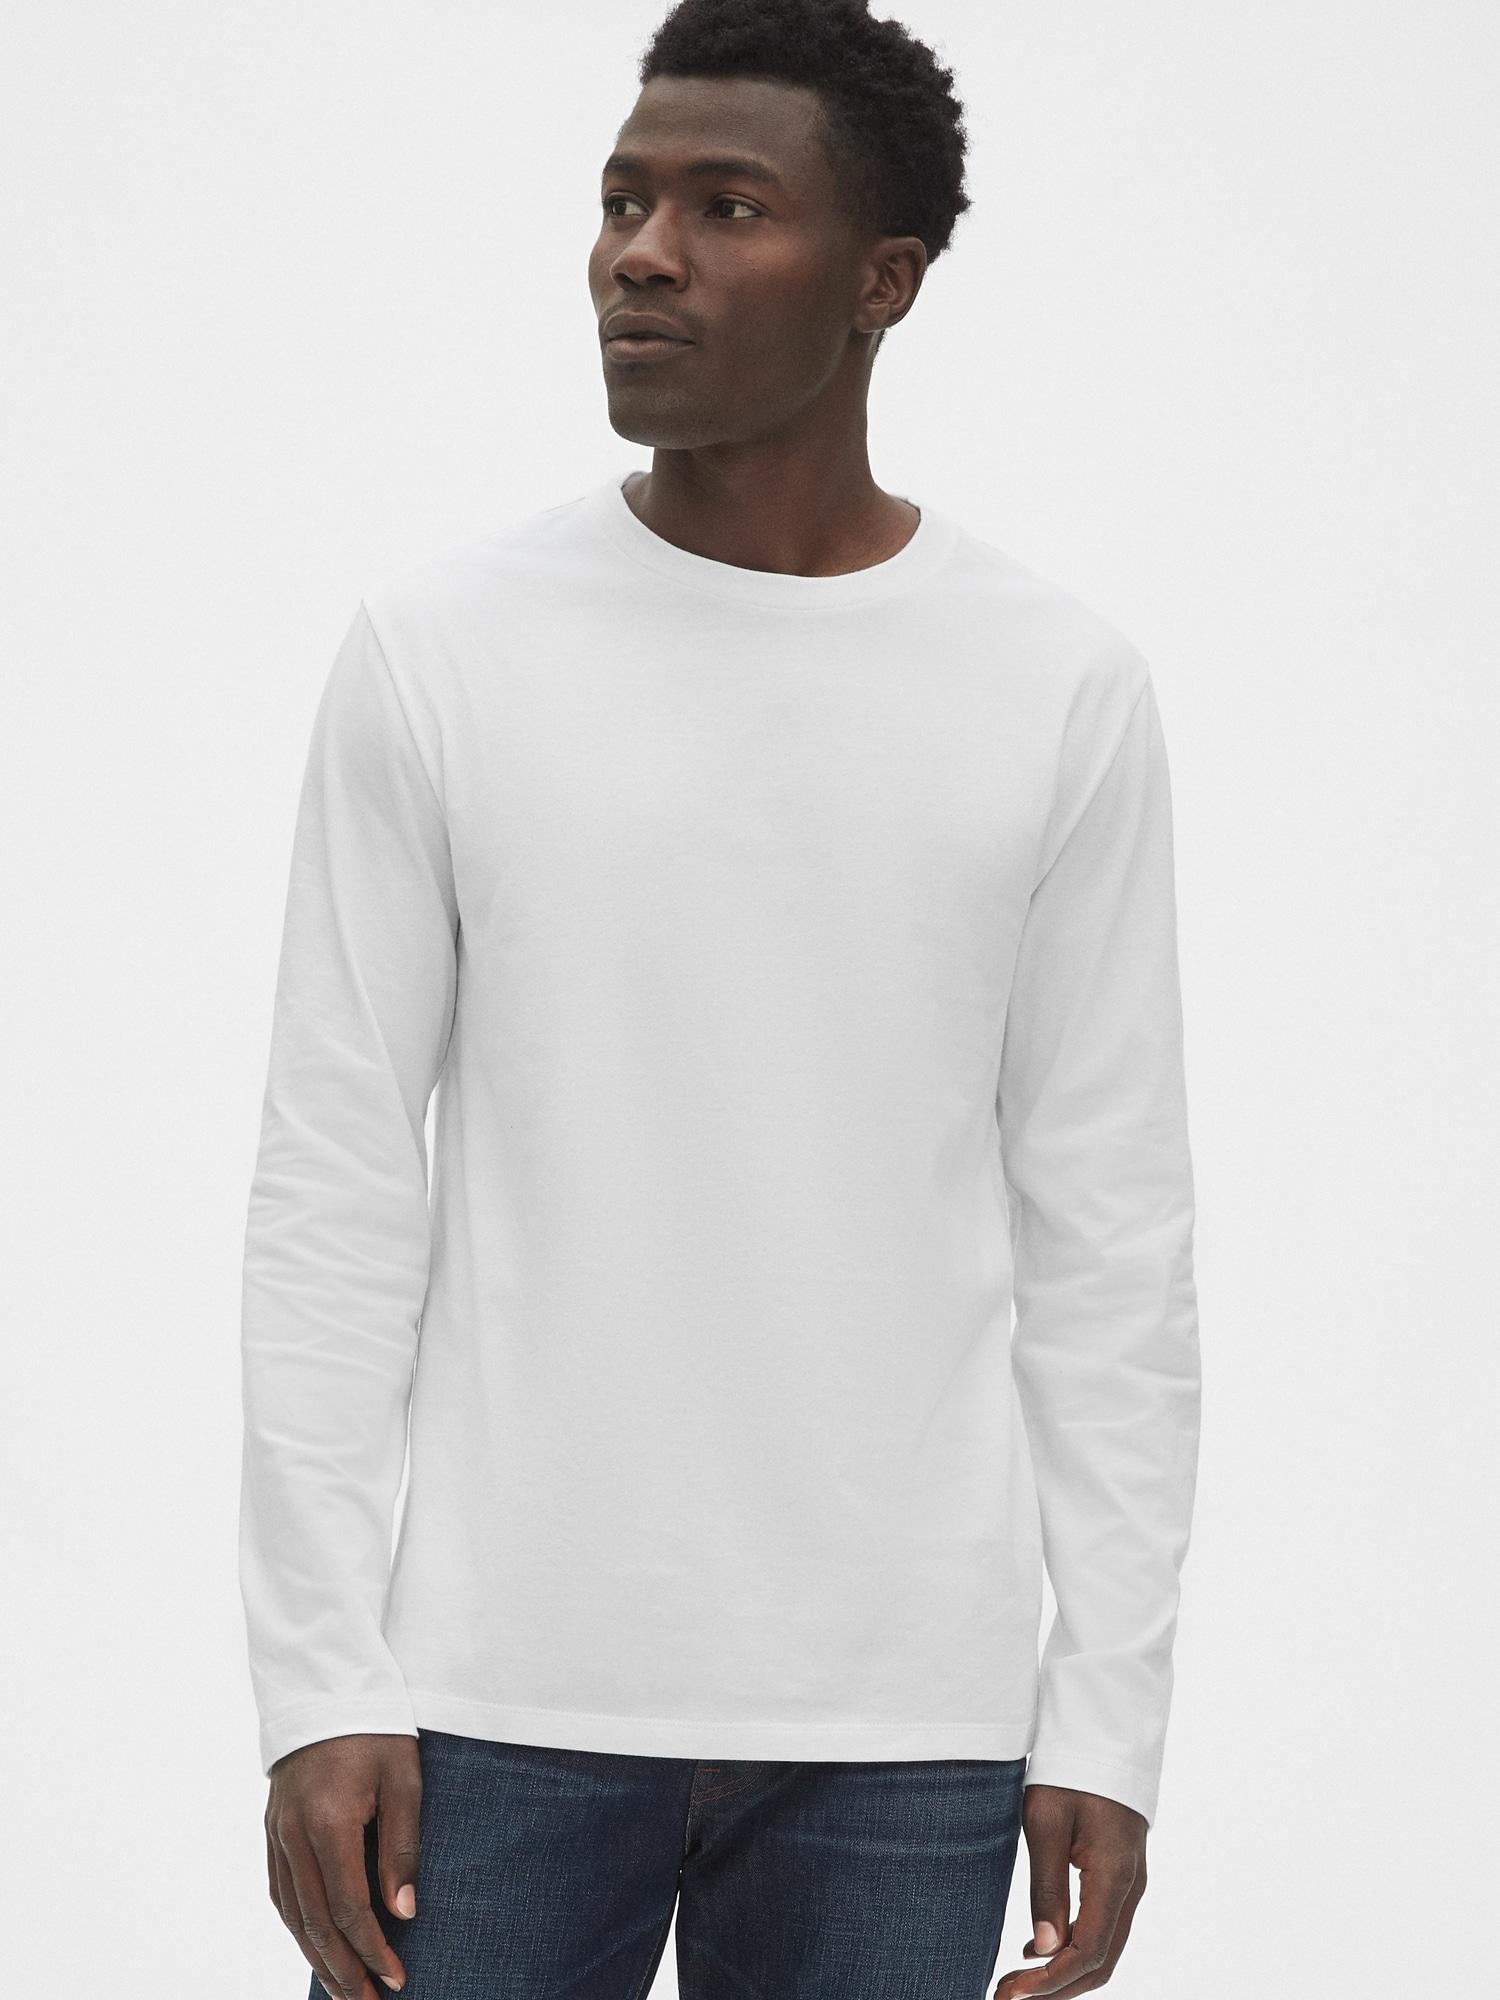 長袖クラシックtシャツ